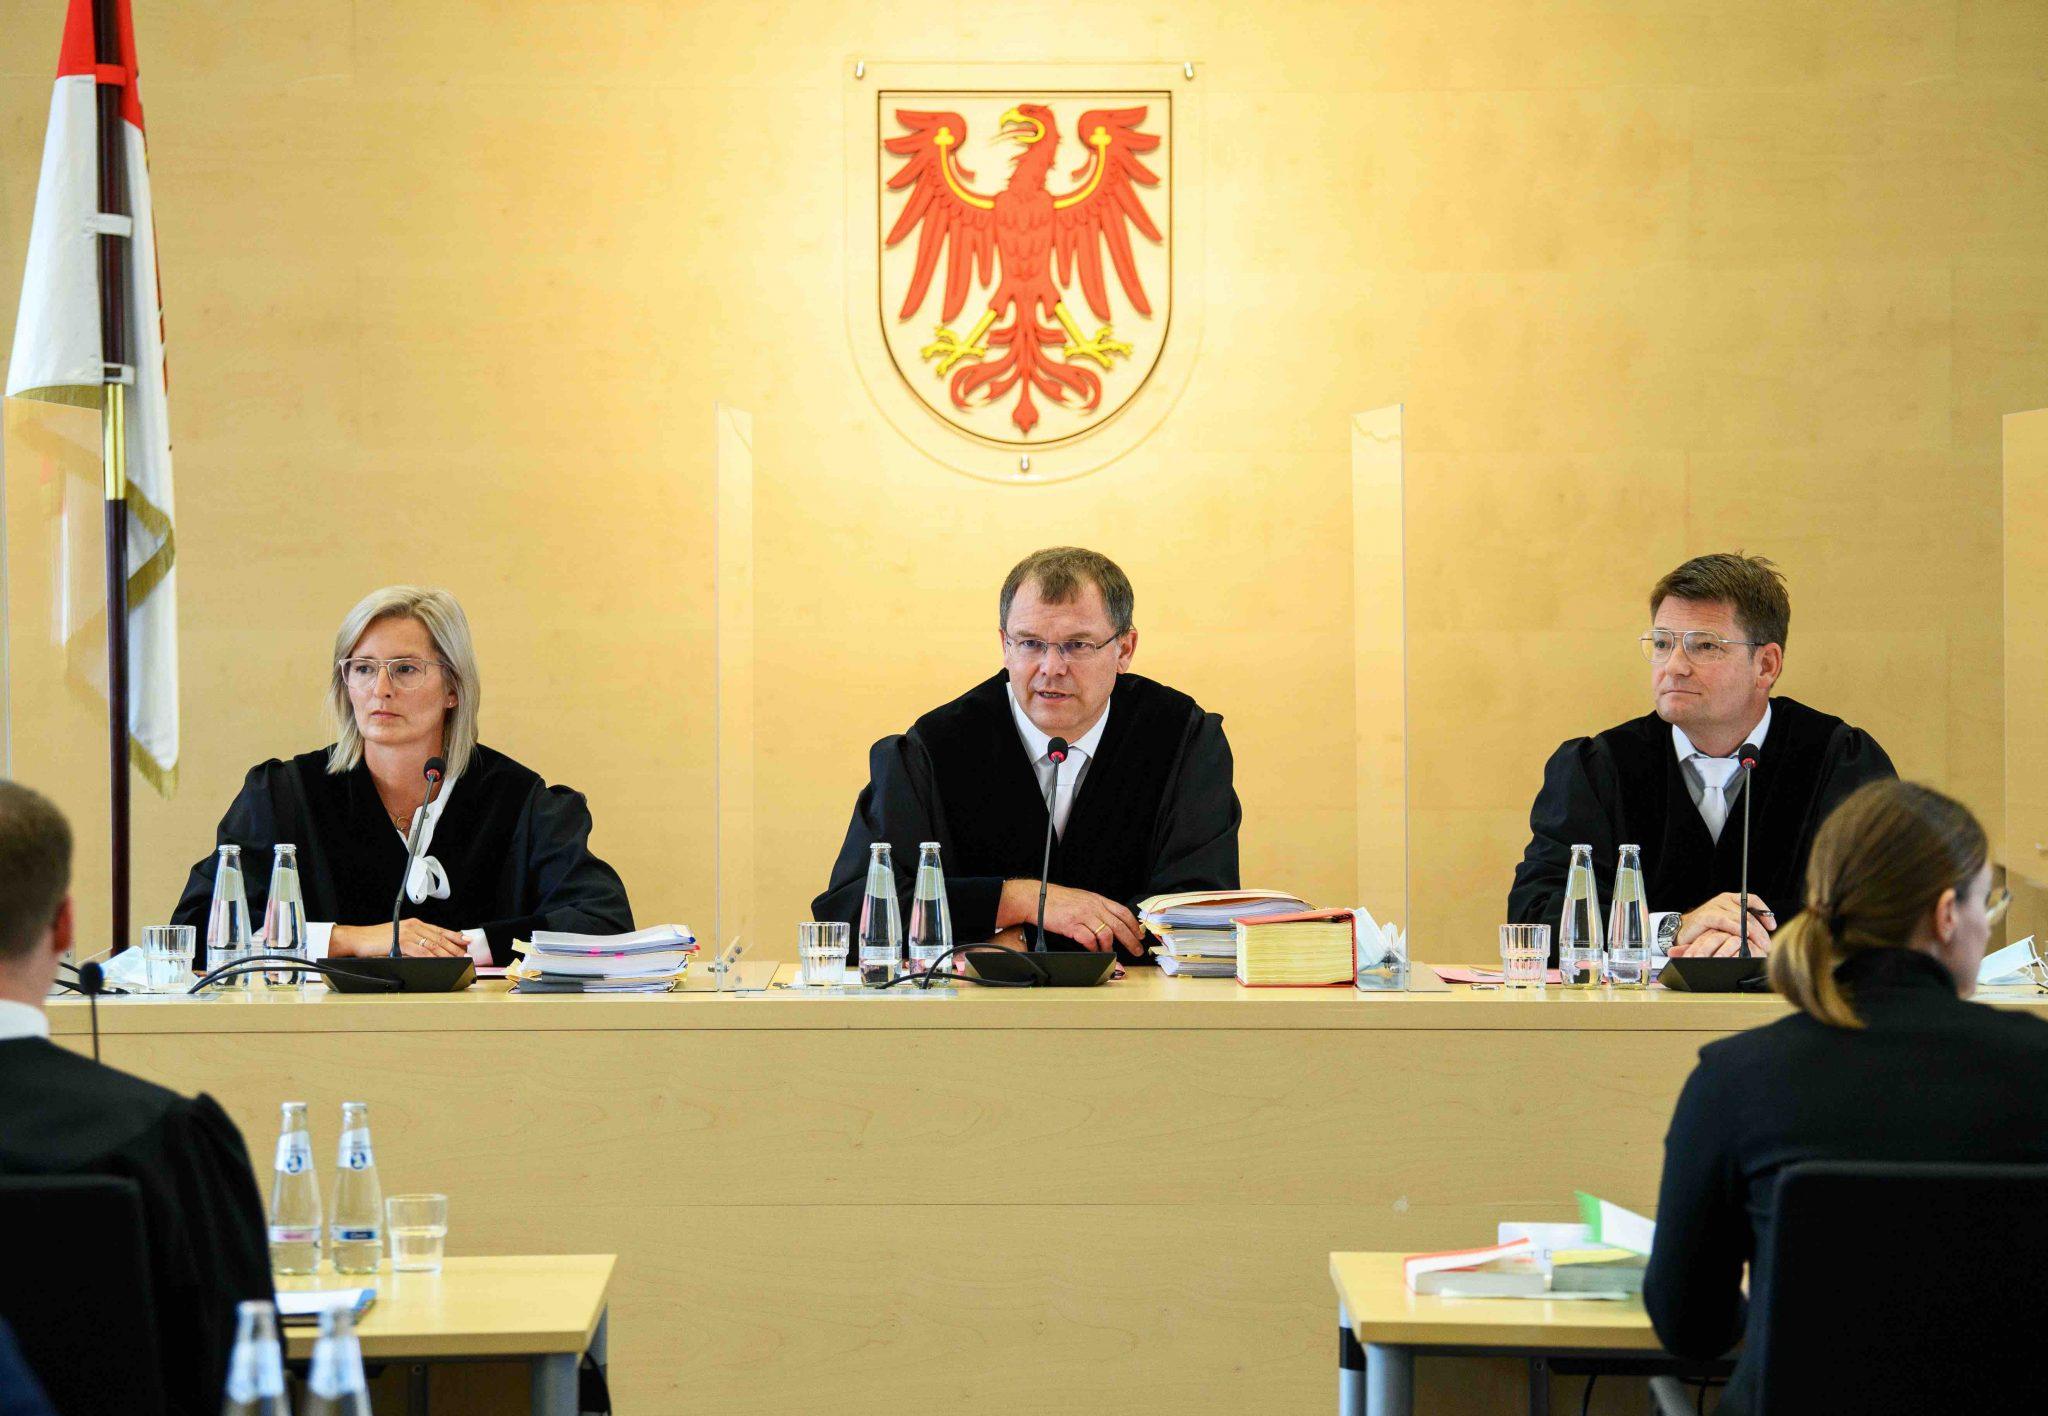 Verfassungsgericht Brandenburg verhandelt Paritäsgesetz